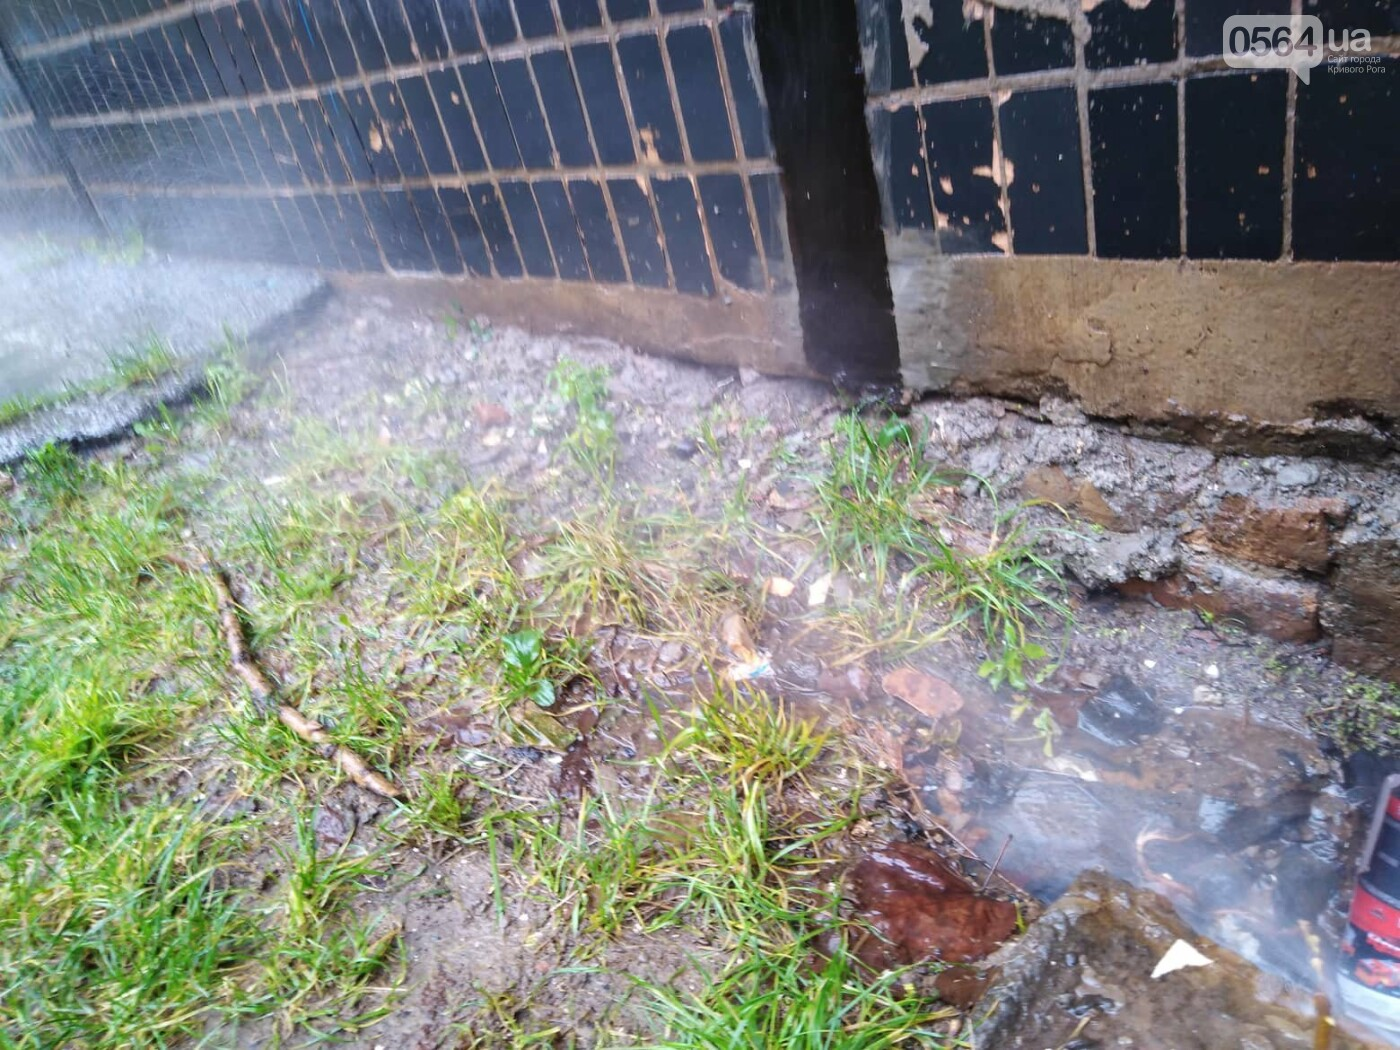 Не дождавшись тепловиков, криворожане принялись ликвидировать аварию на теплосети подручными средствами, - ФОТО, фото-3